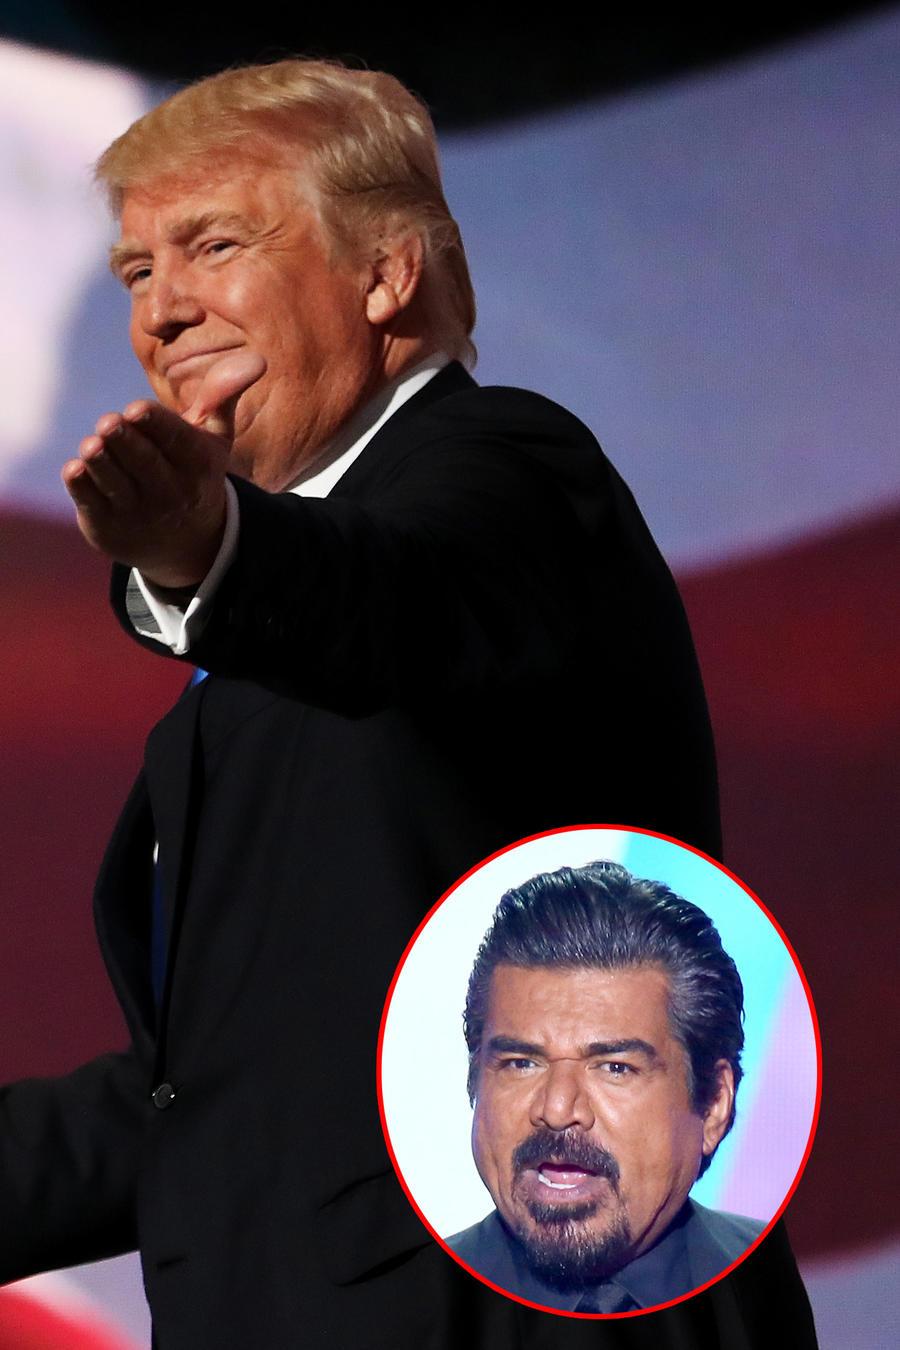 Celebridades reaccionan a la convención republicana